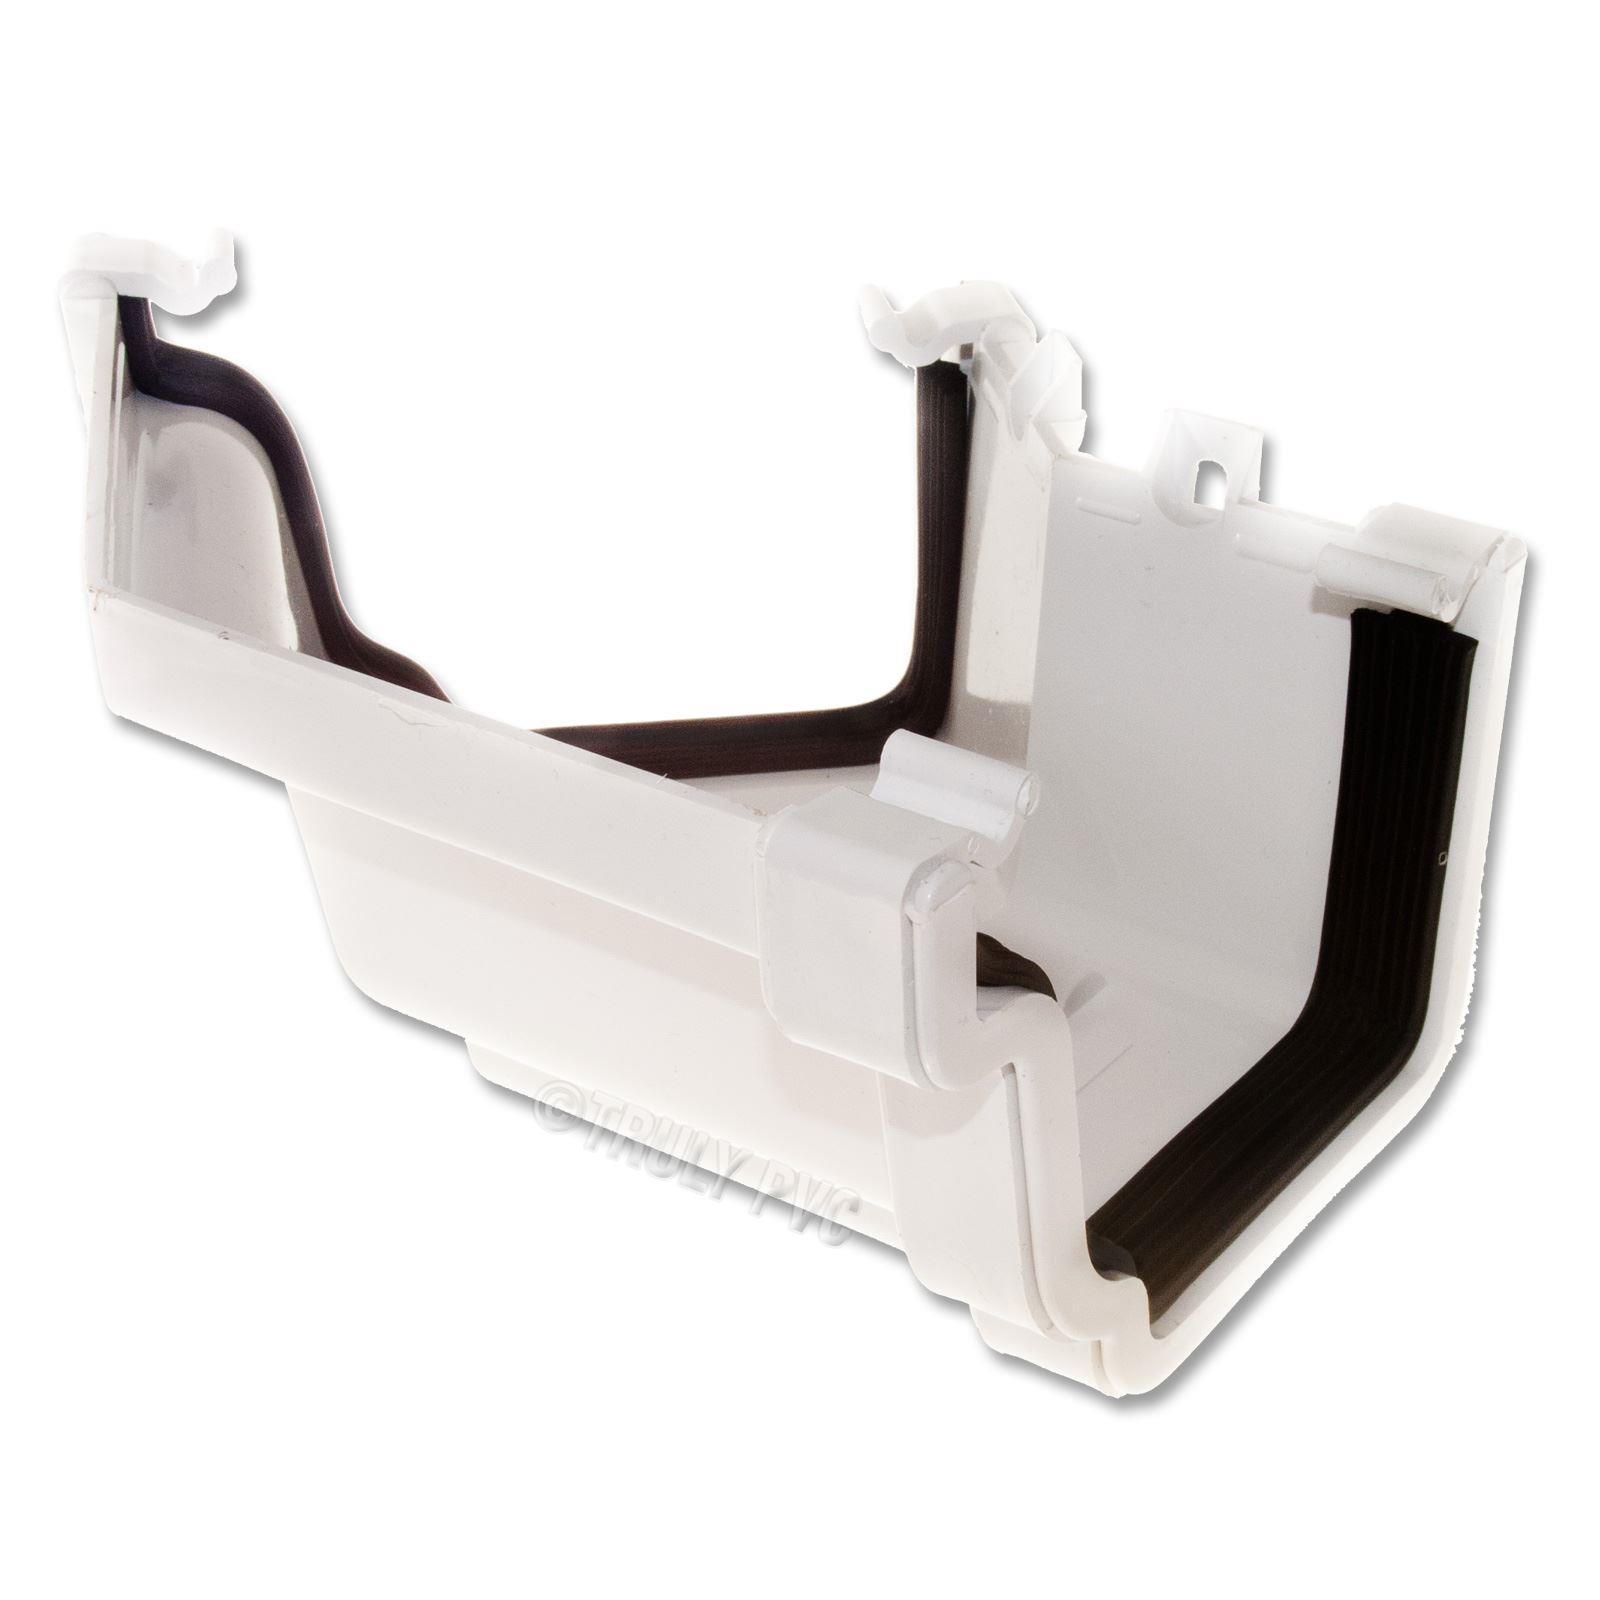 Marshall Tufflex Rwka2 135 176 External Gutter Corner Joint